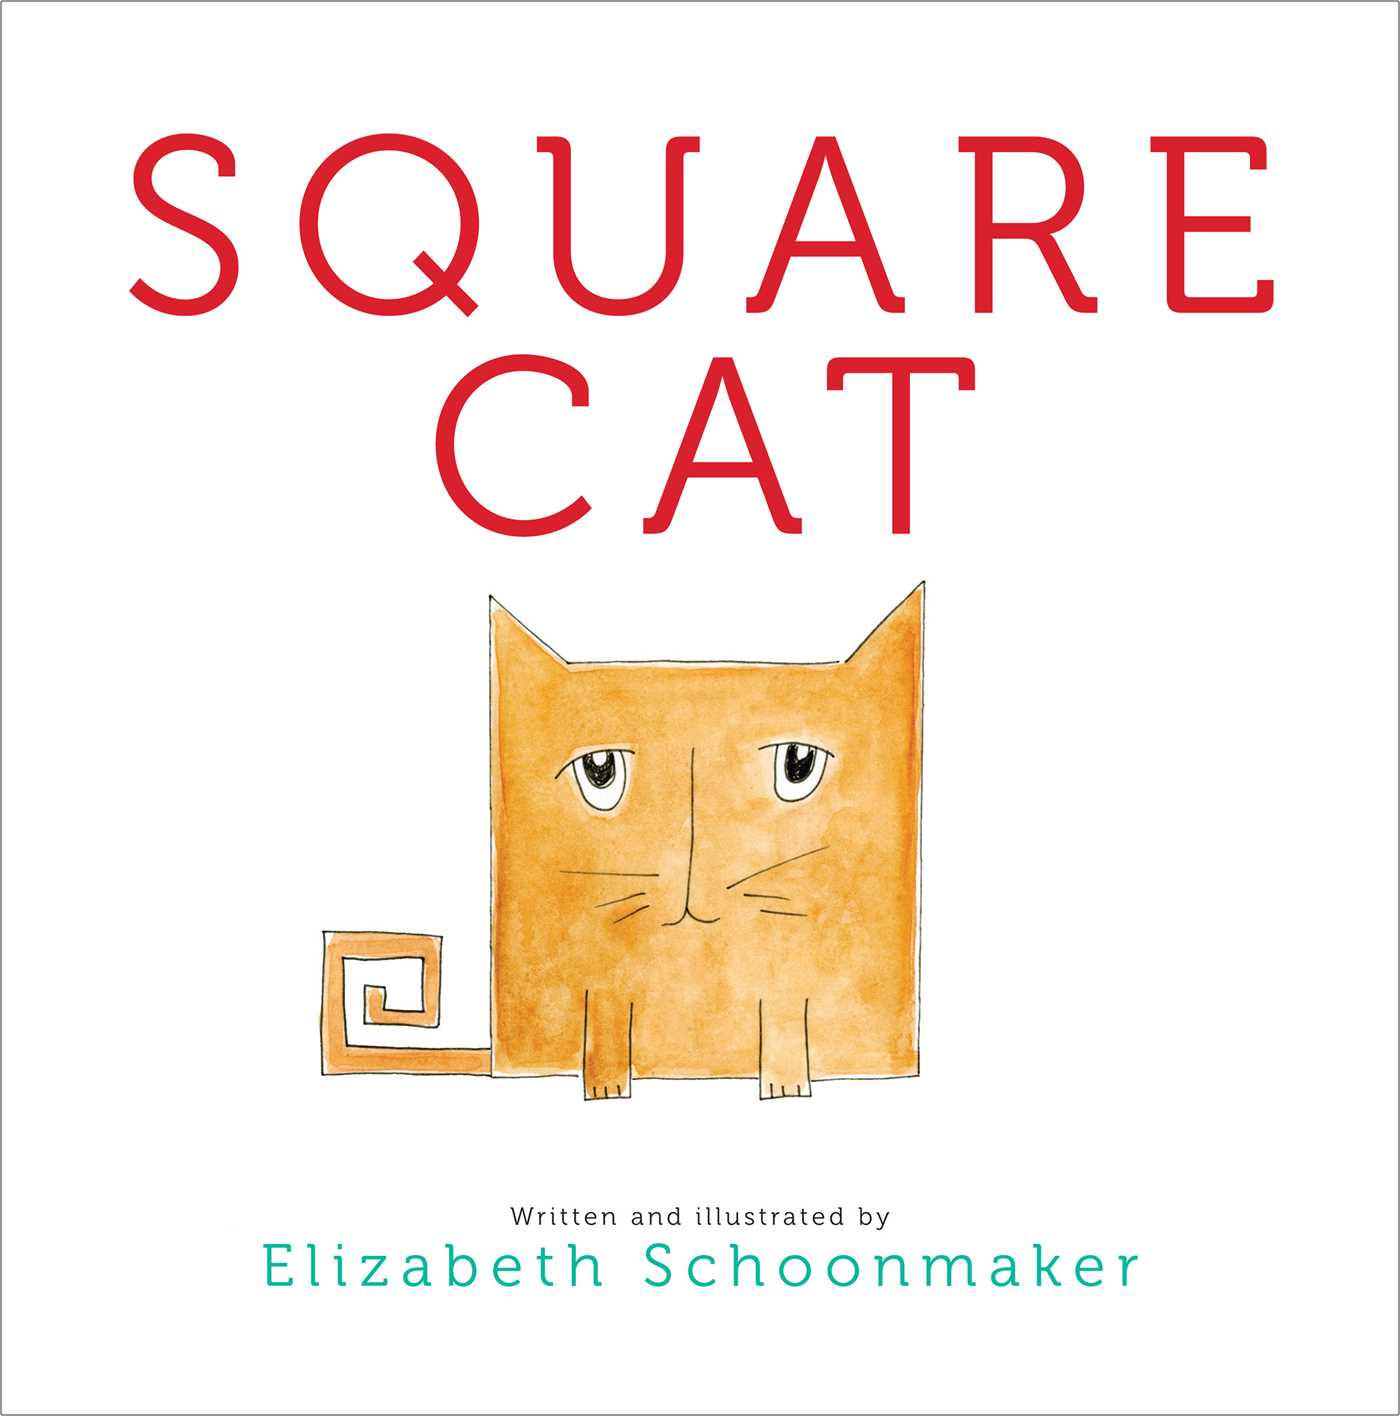 Square cat 9781442431171 hr